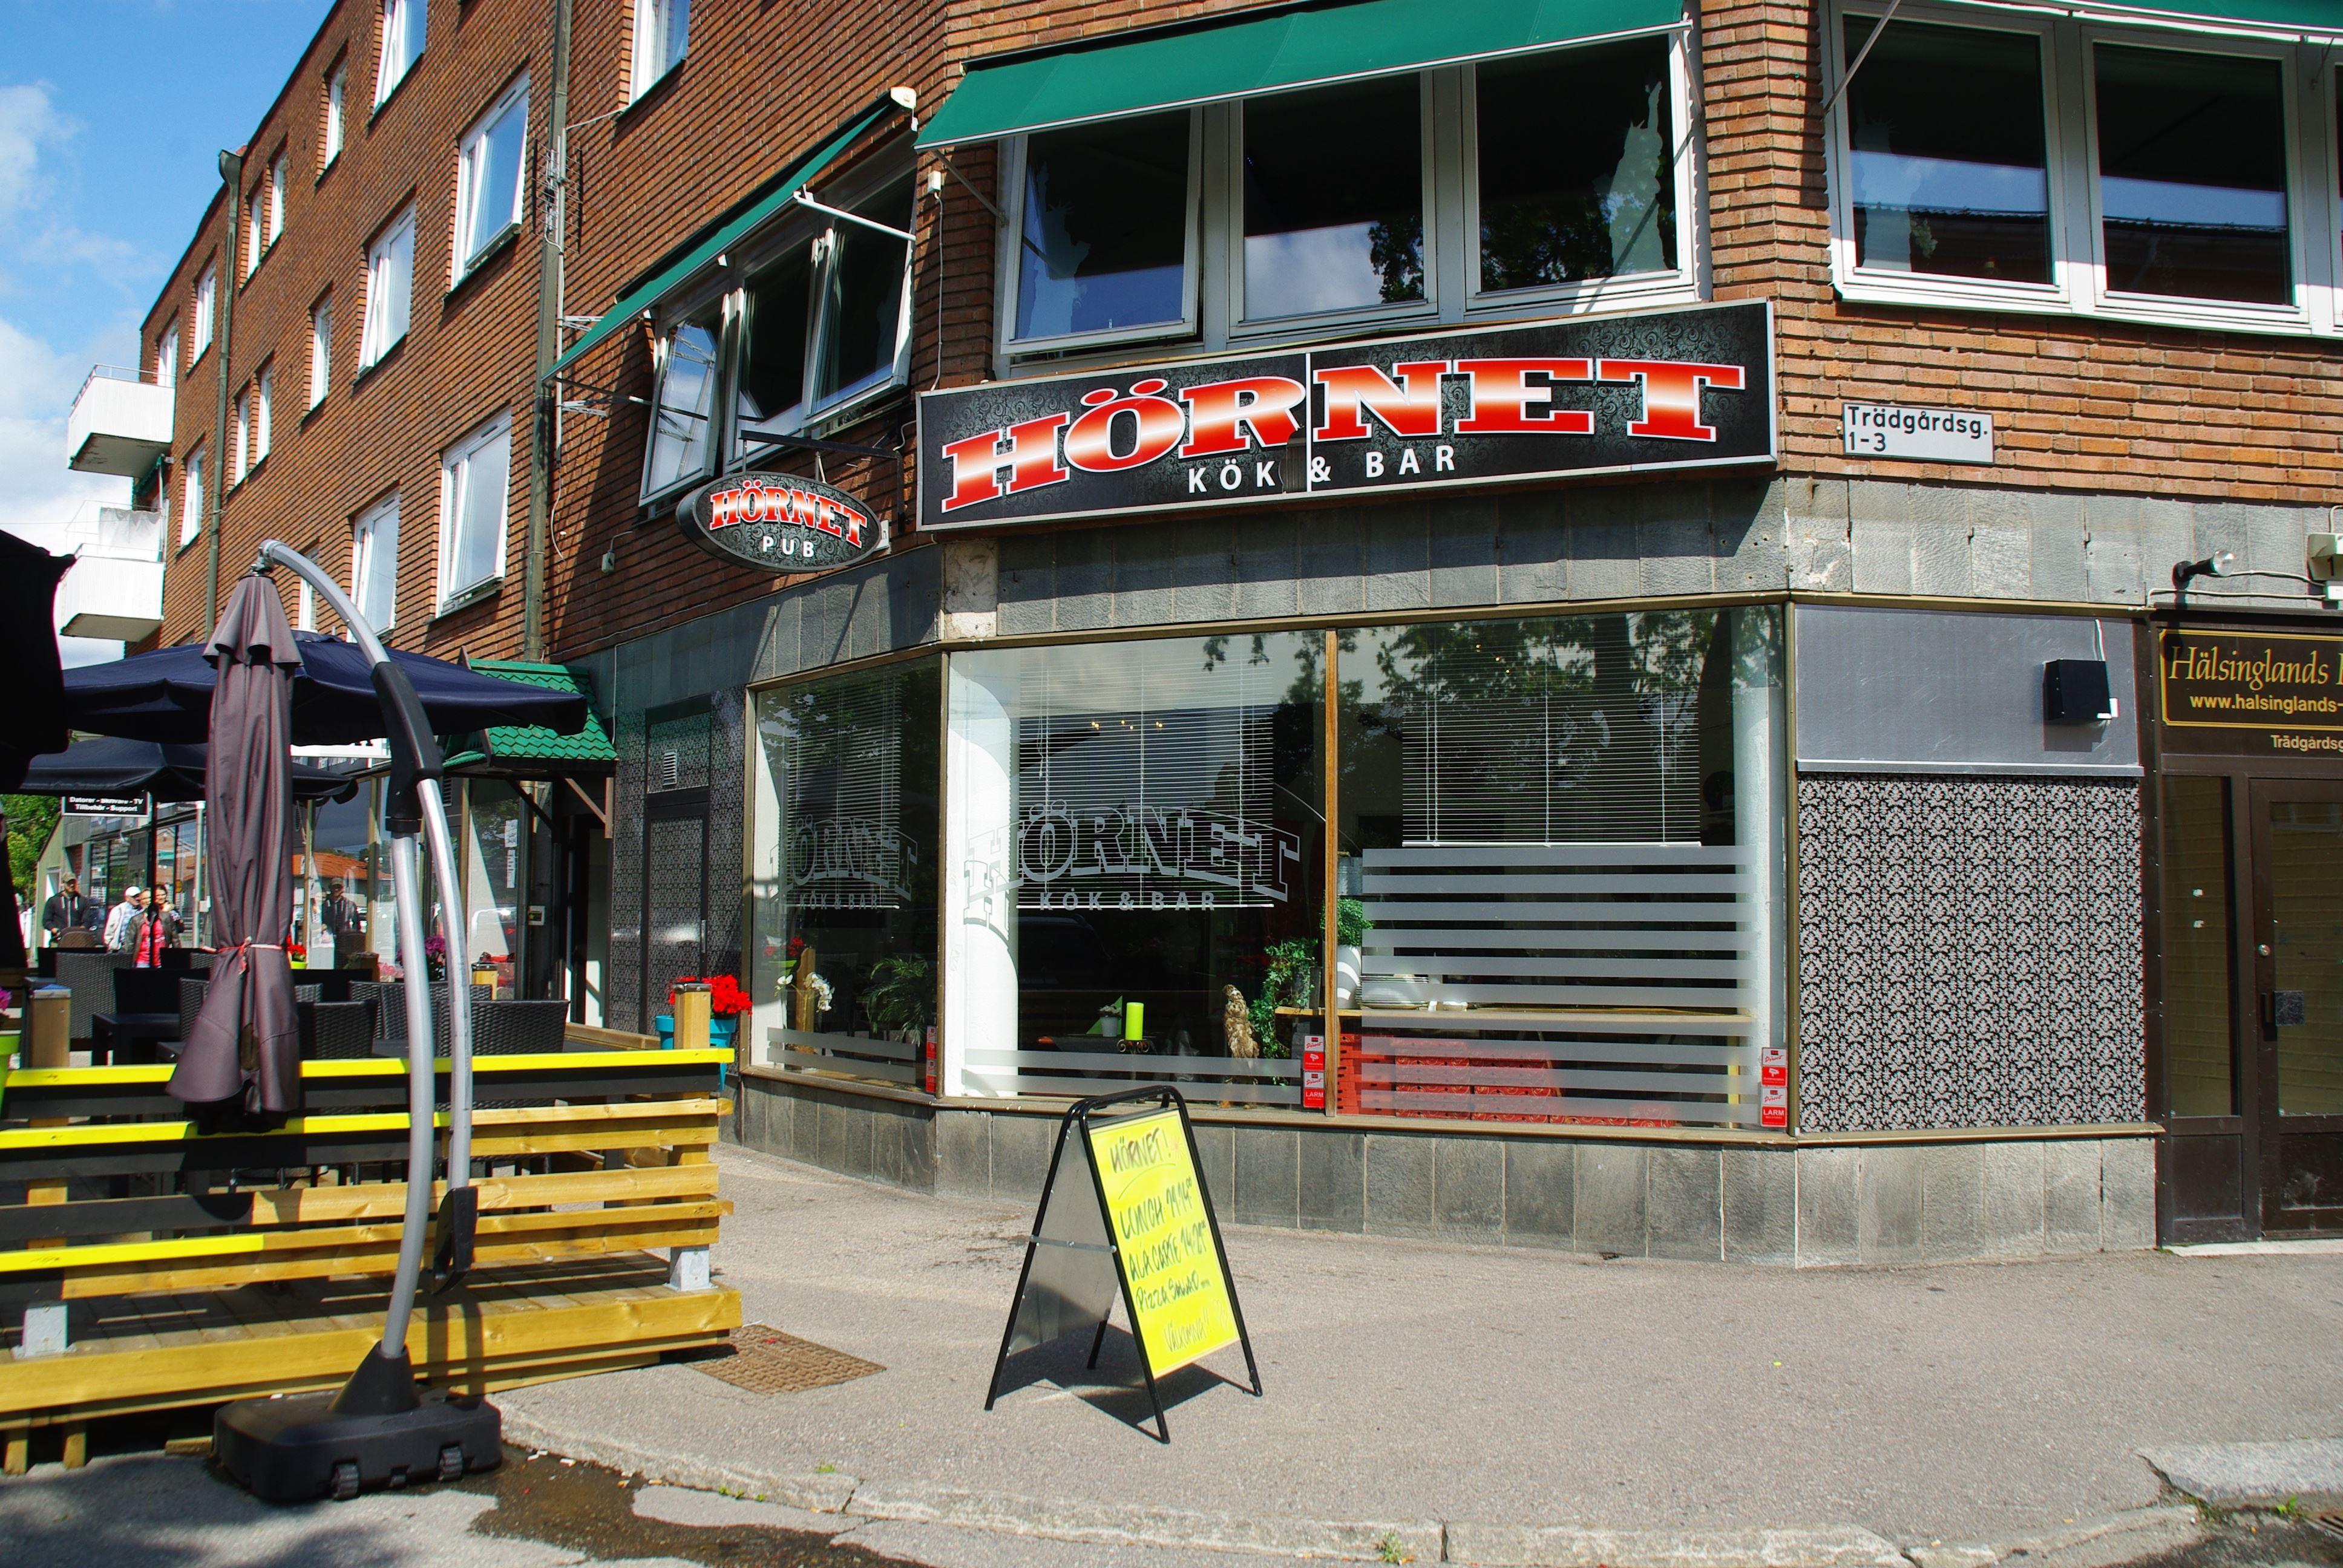 Hörnet Kök & Bar